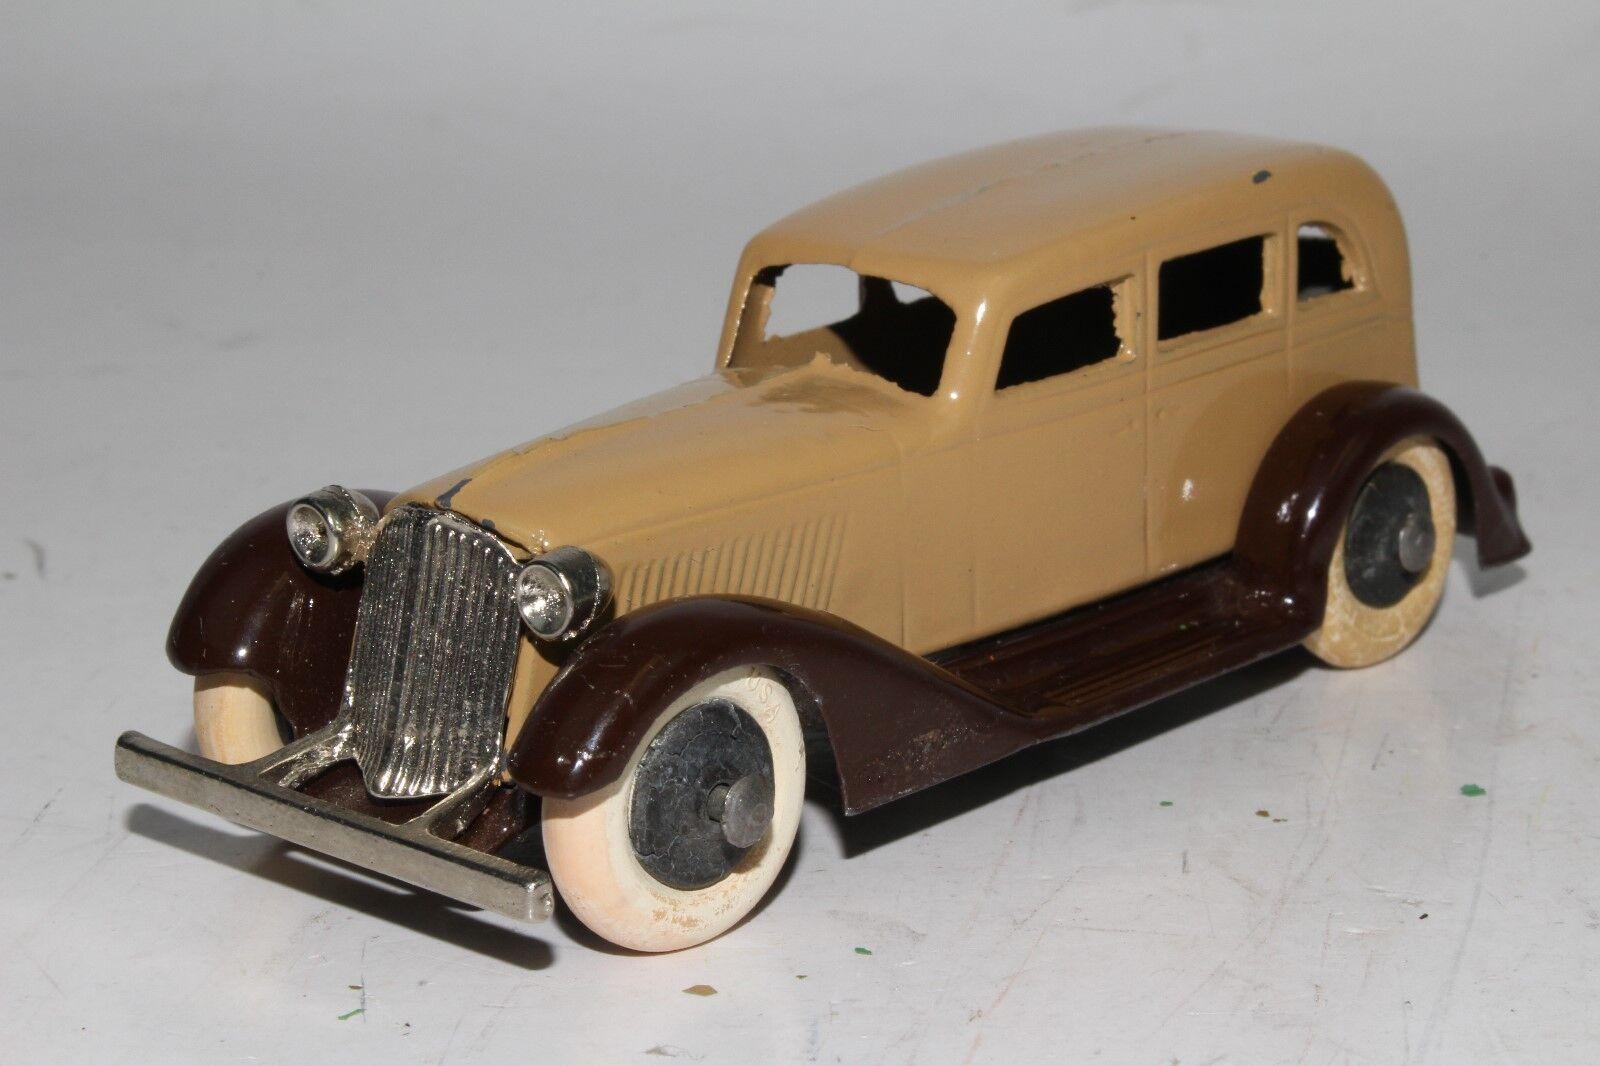 Tootsietoy 1930's Graham Sedan, braun & Tan, RestGoldt